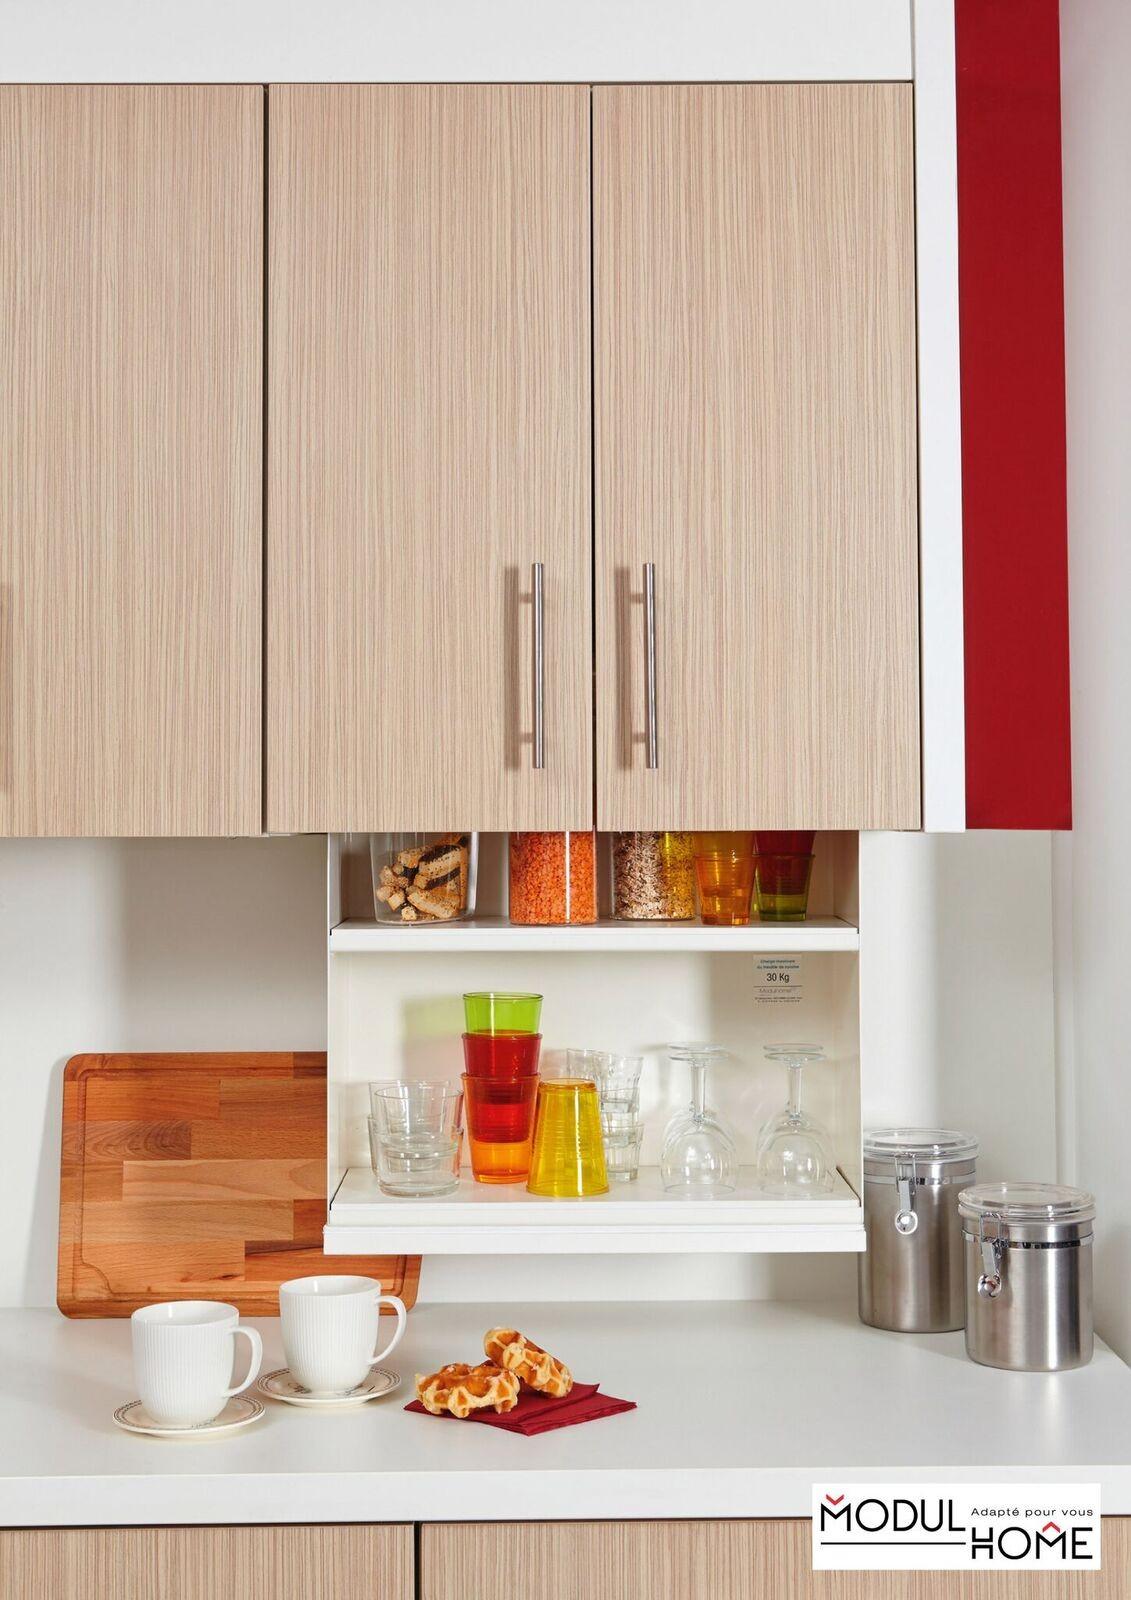 Meuble haut de cuisine avec étagères à hauteur variable